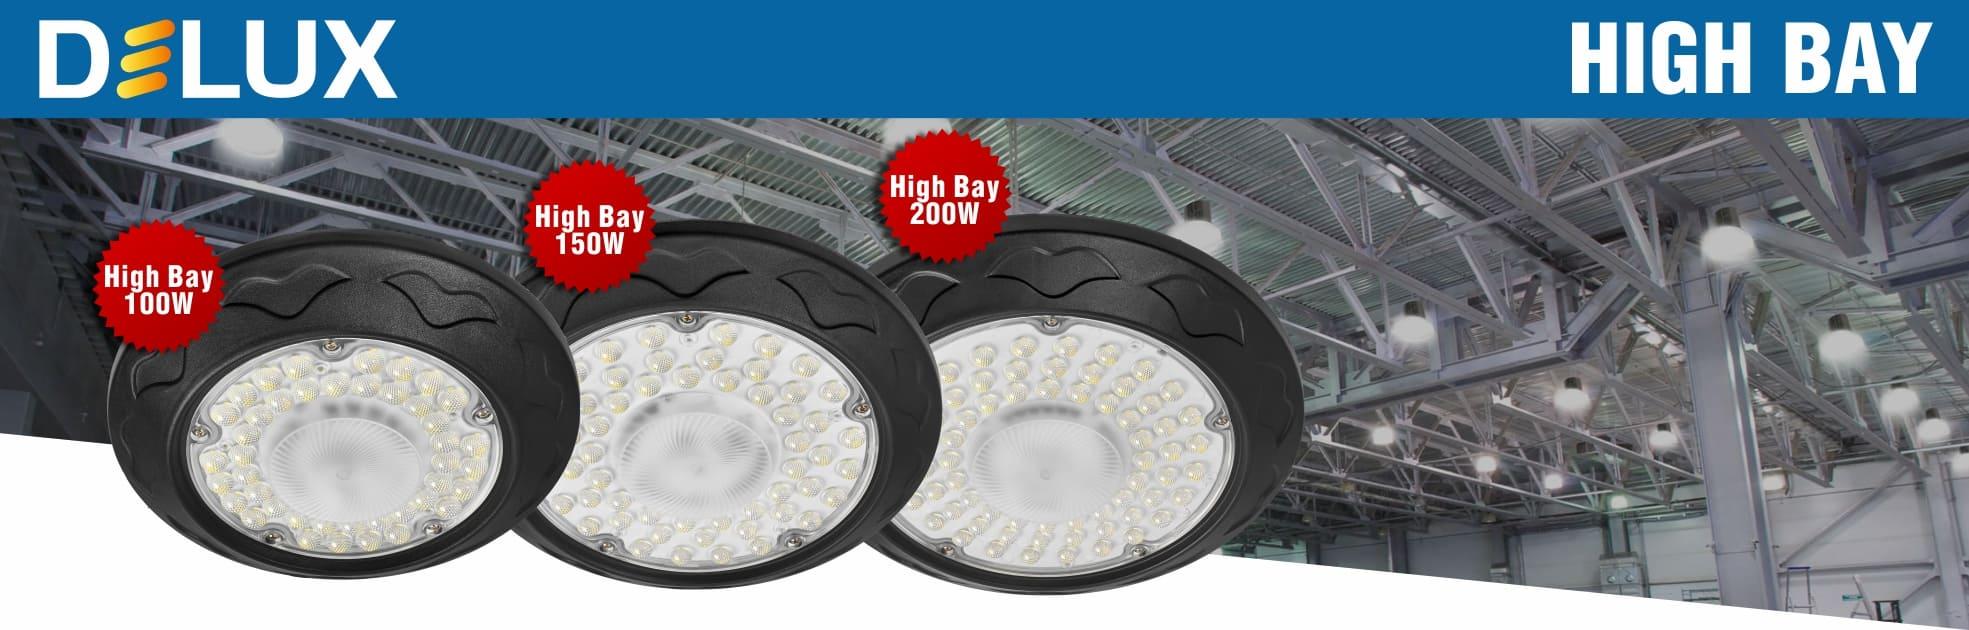 Новые LED светильники DELUX High Bay